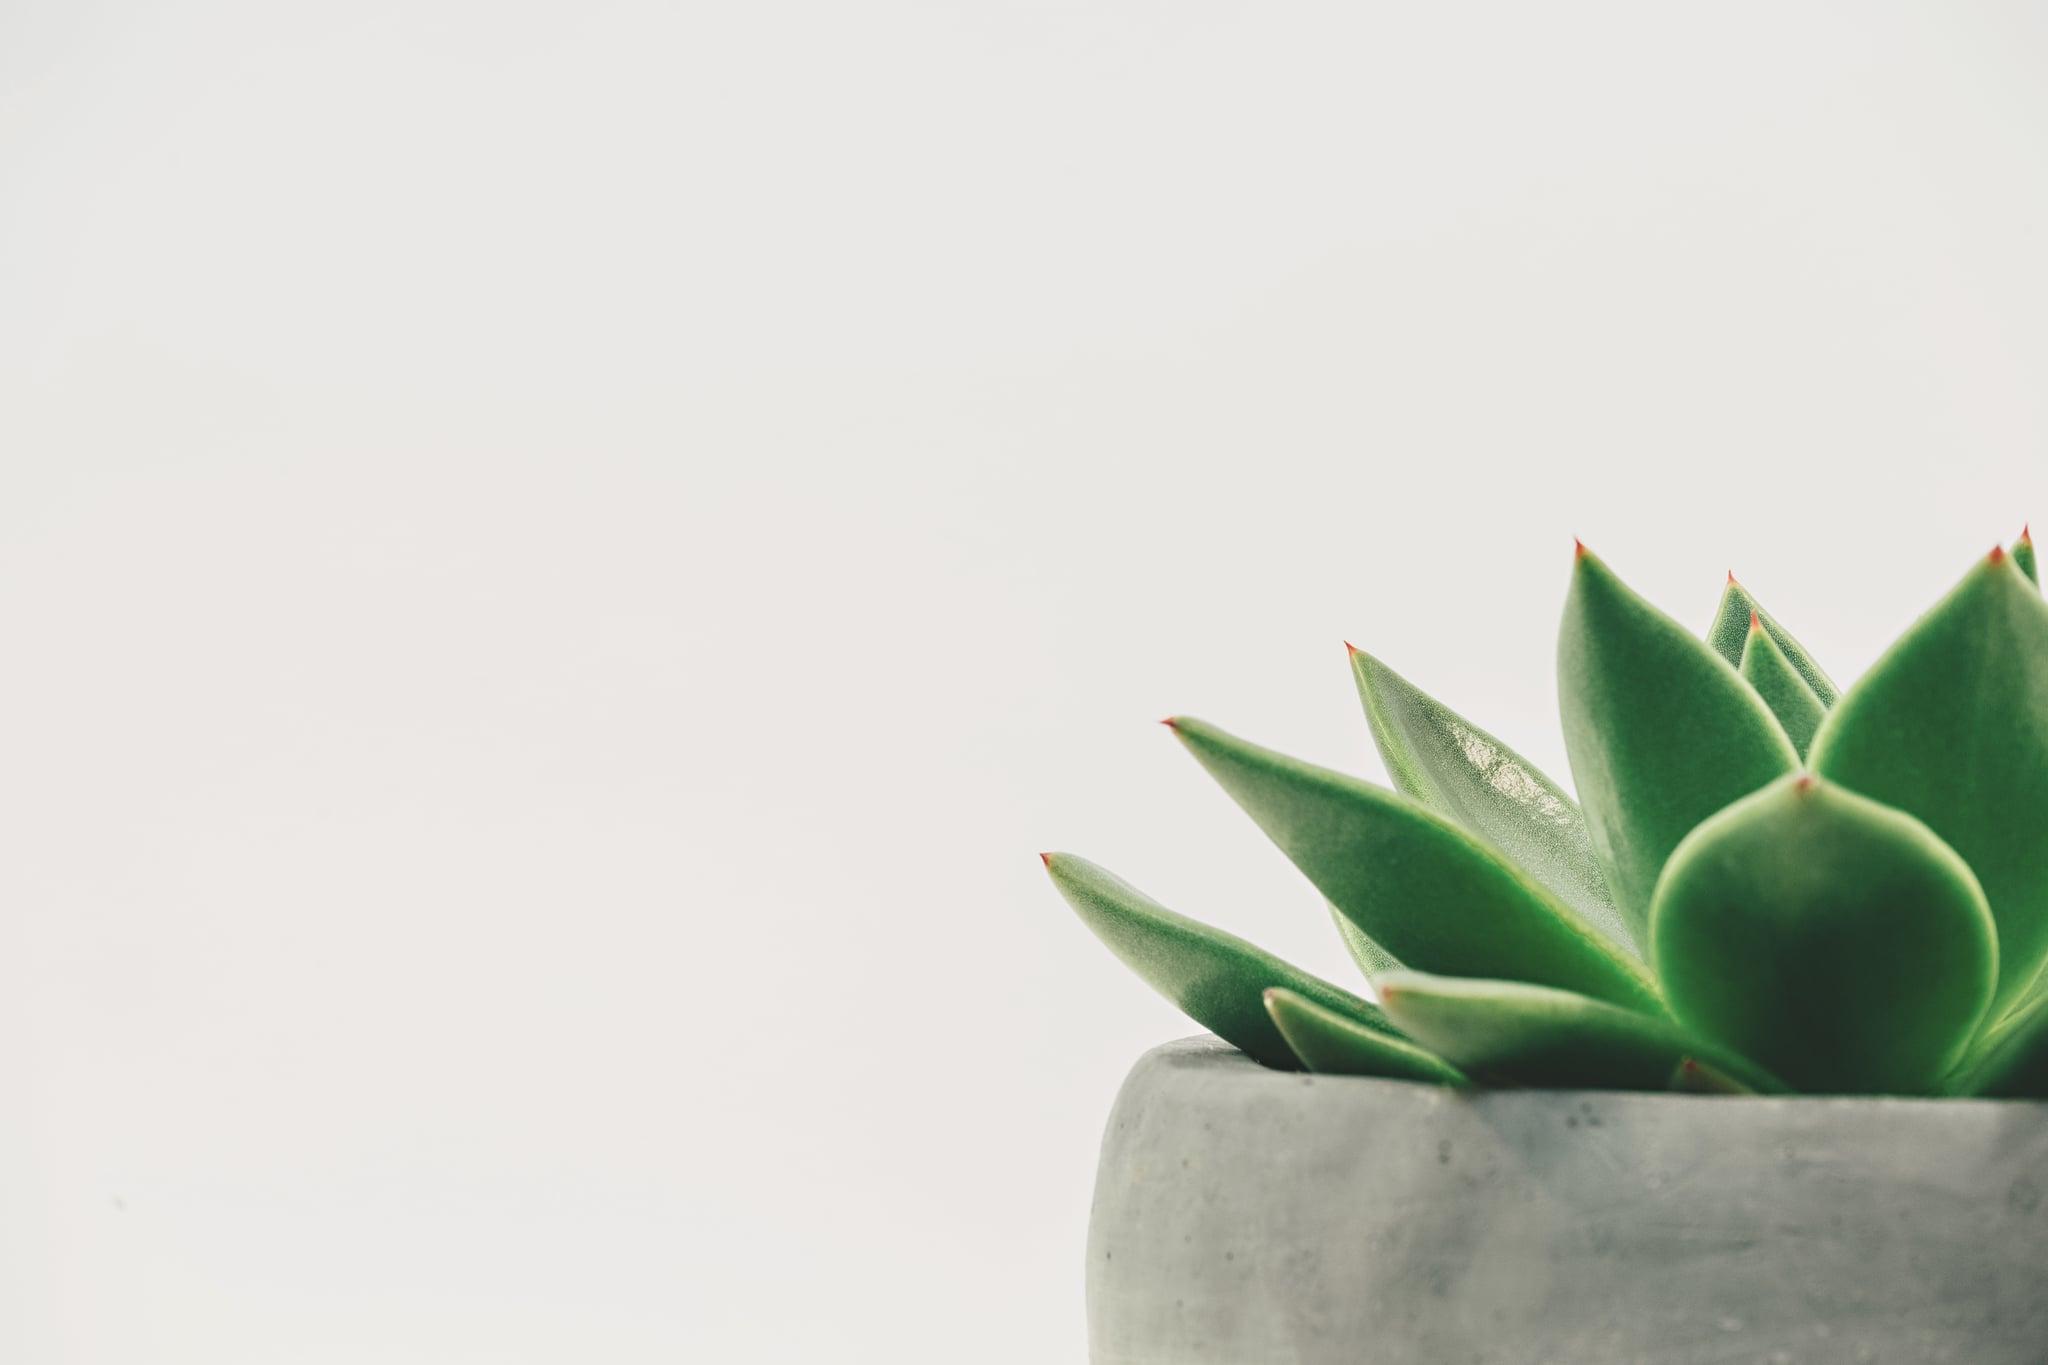 Beauty Benefits Of An Aloe Vera Tree